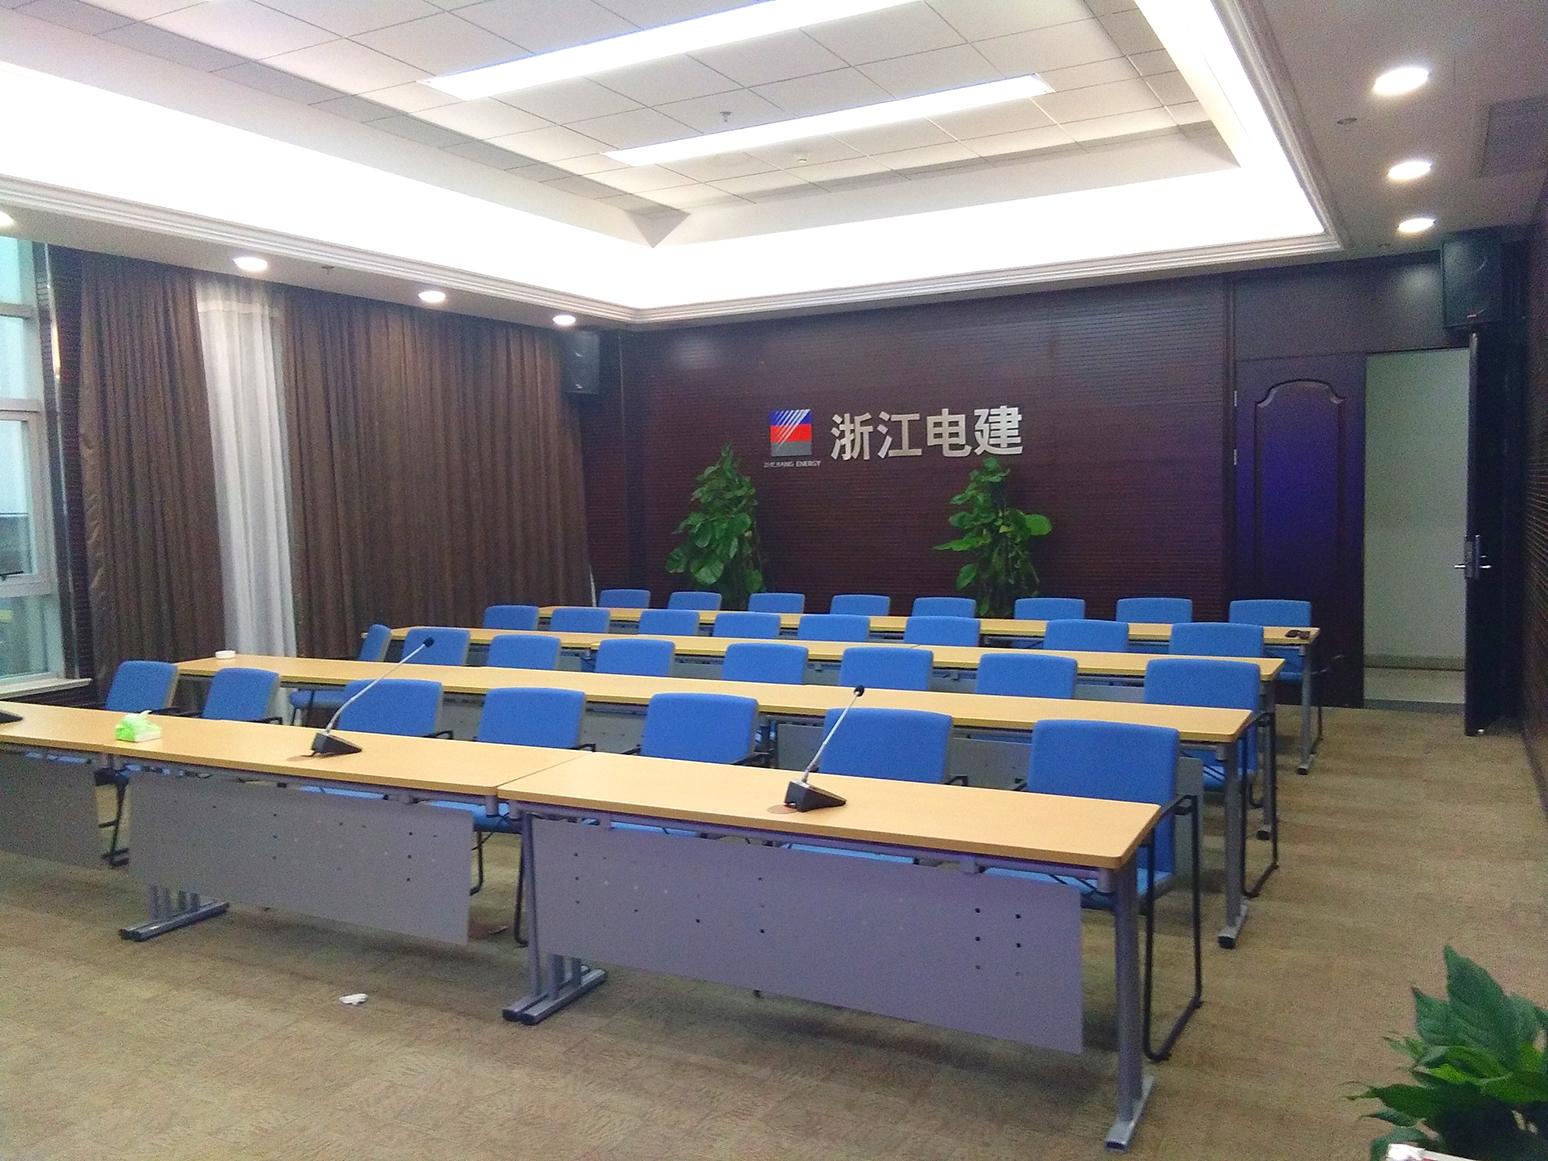 【京邦·会议中控系统案例】浙江省电力建设有限公司